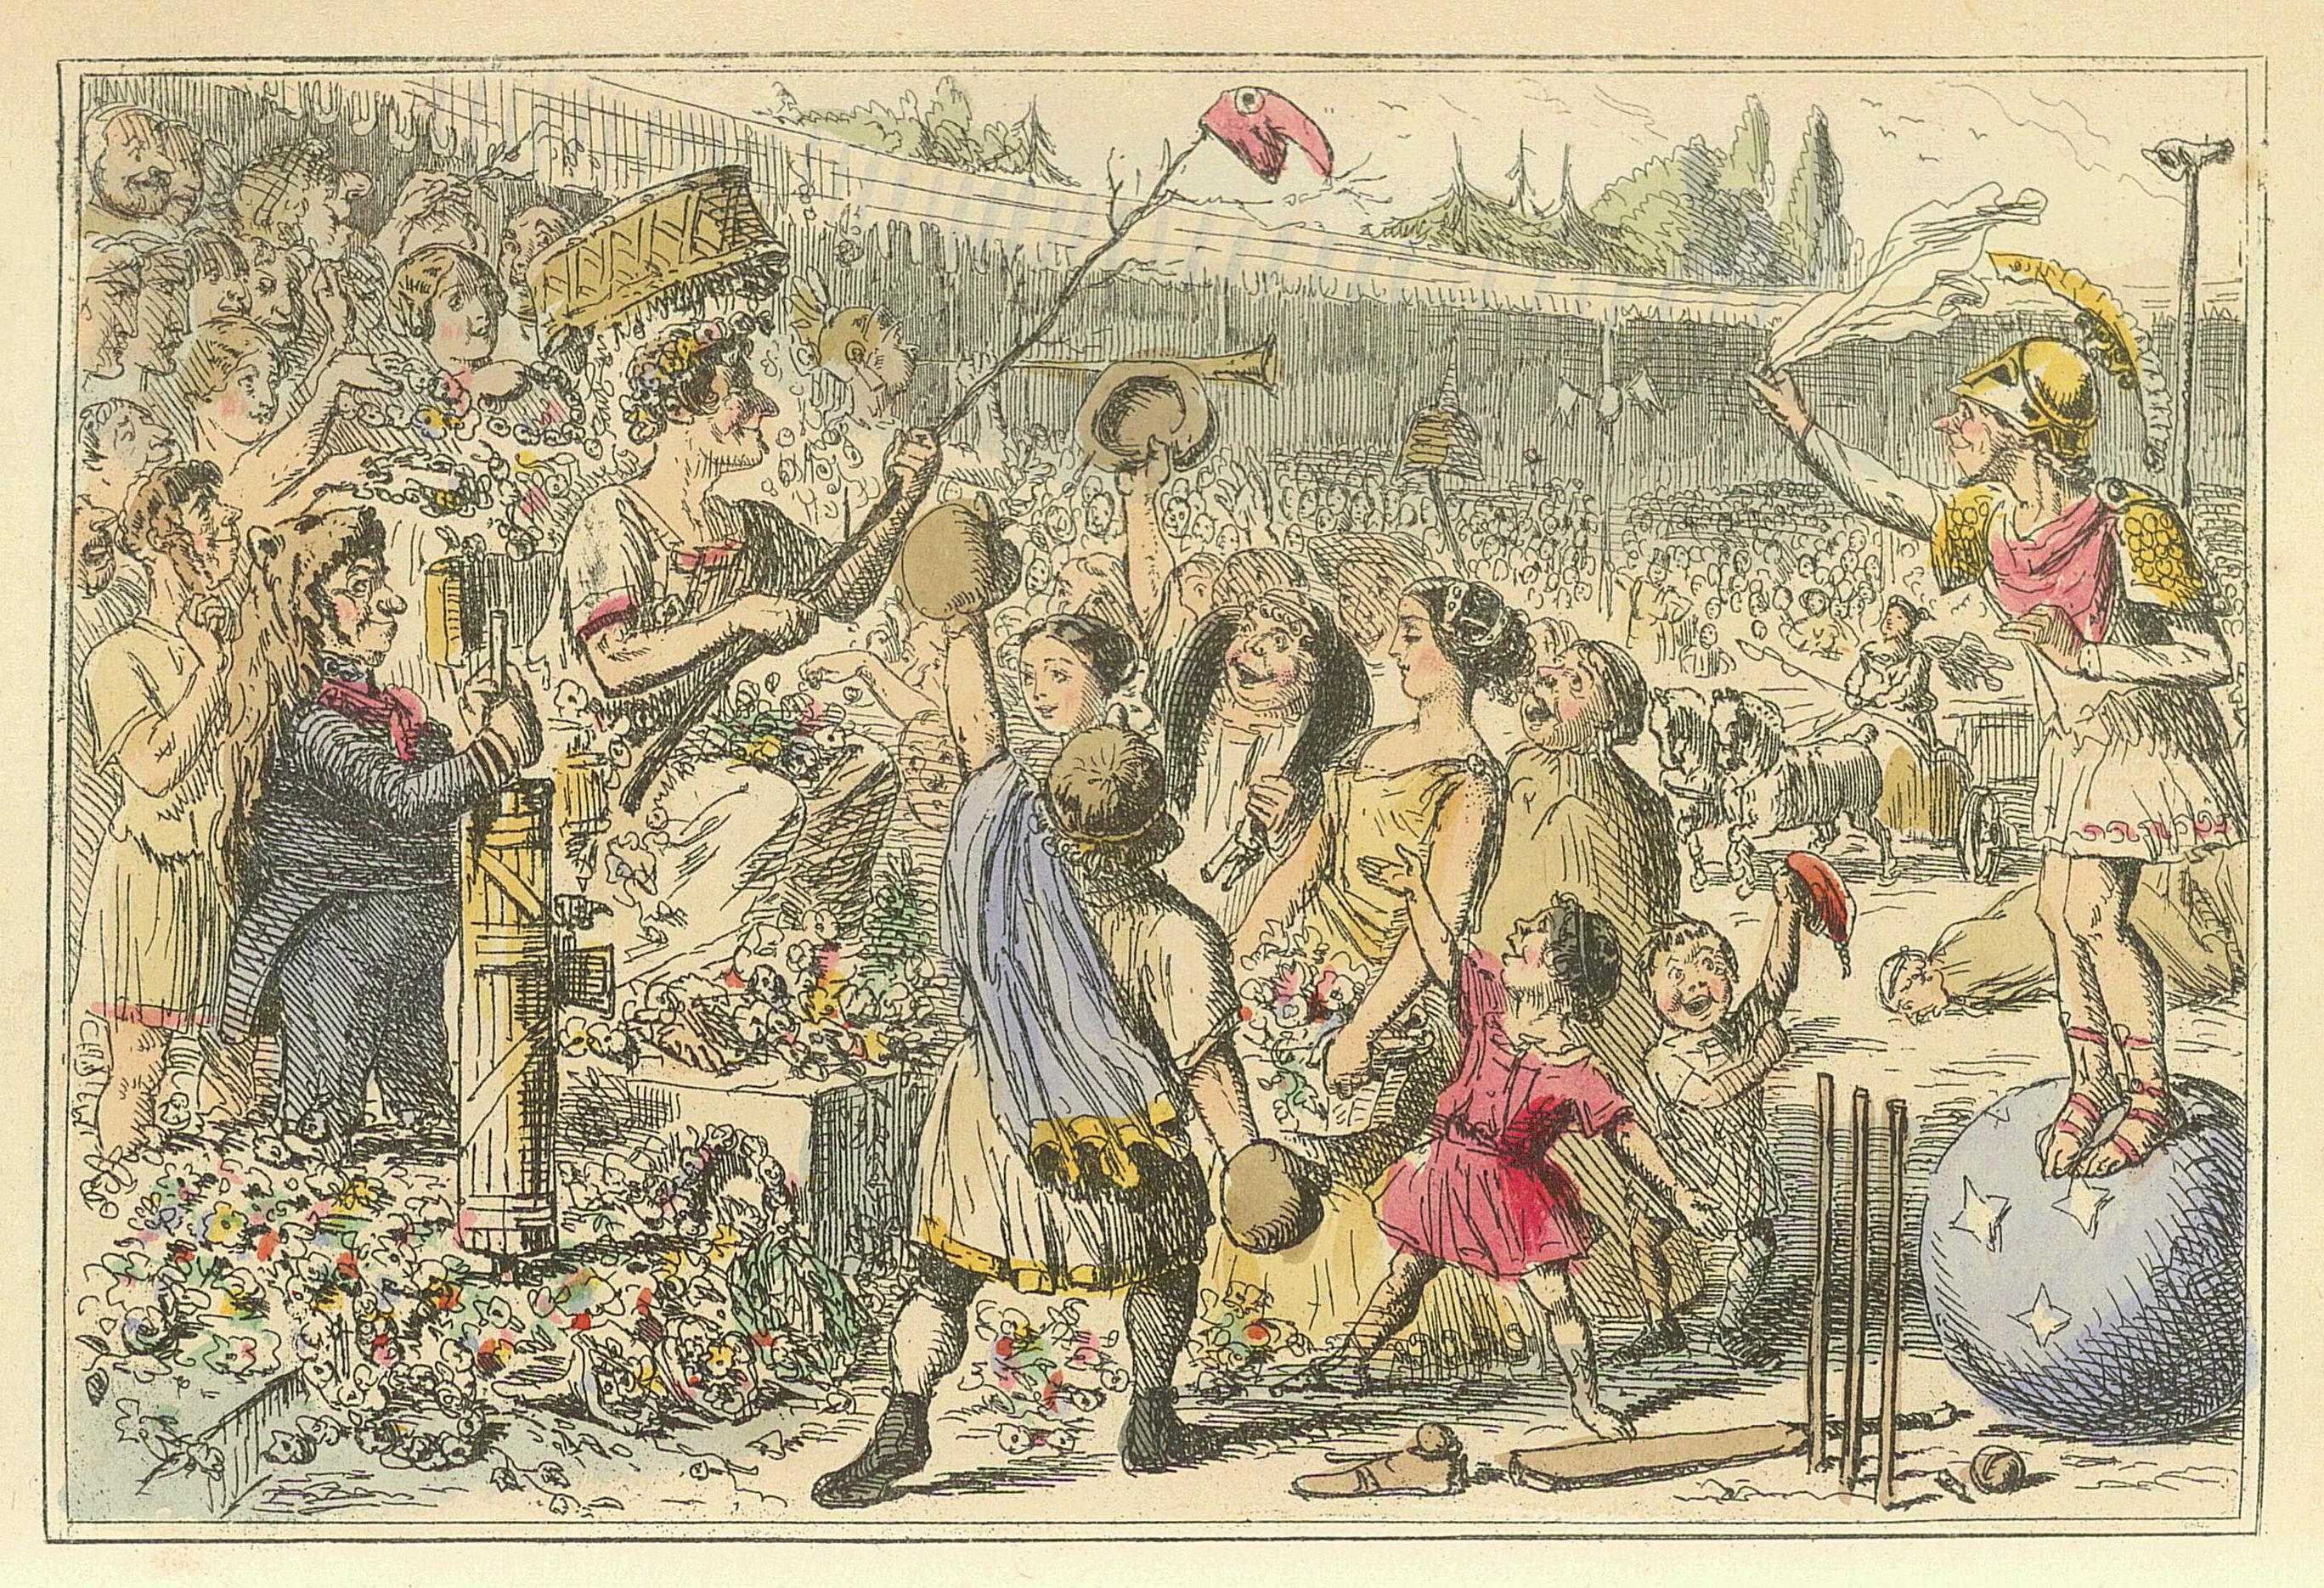 İstmiyan Oyunları. Flaminius Yunanlara özgürlüğünü geri veriyor. John Leech